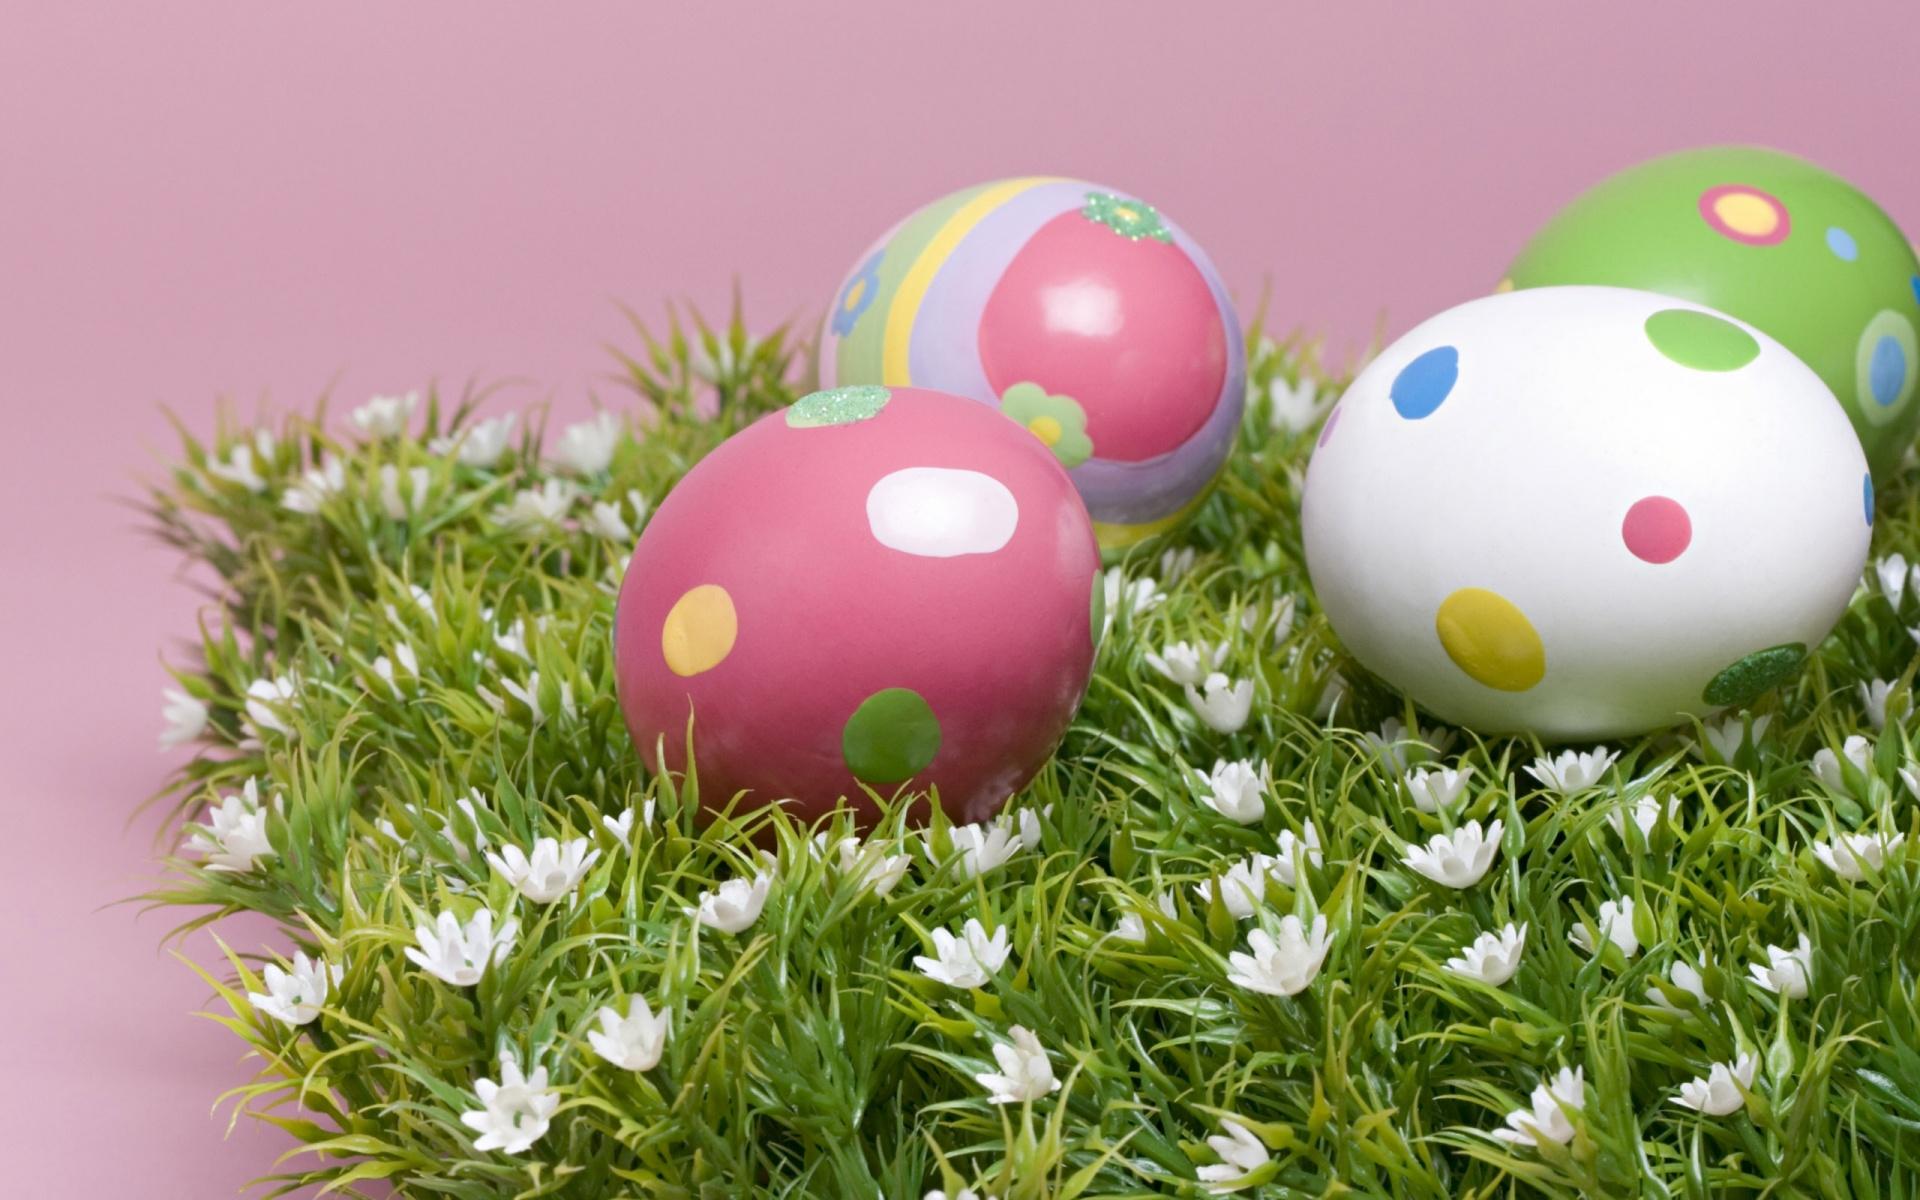 Décorer les Oeufs de Pâques